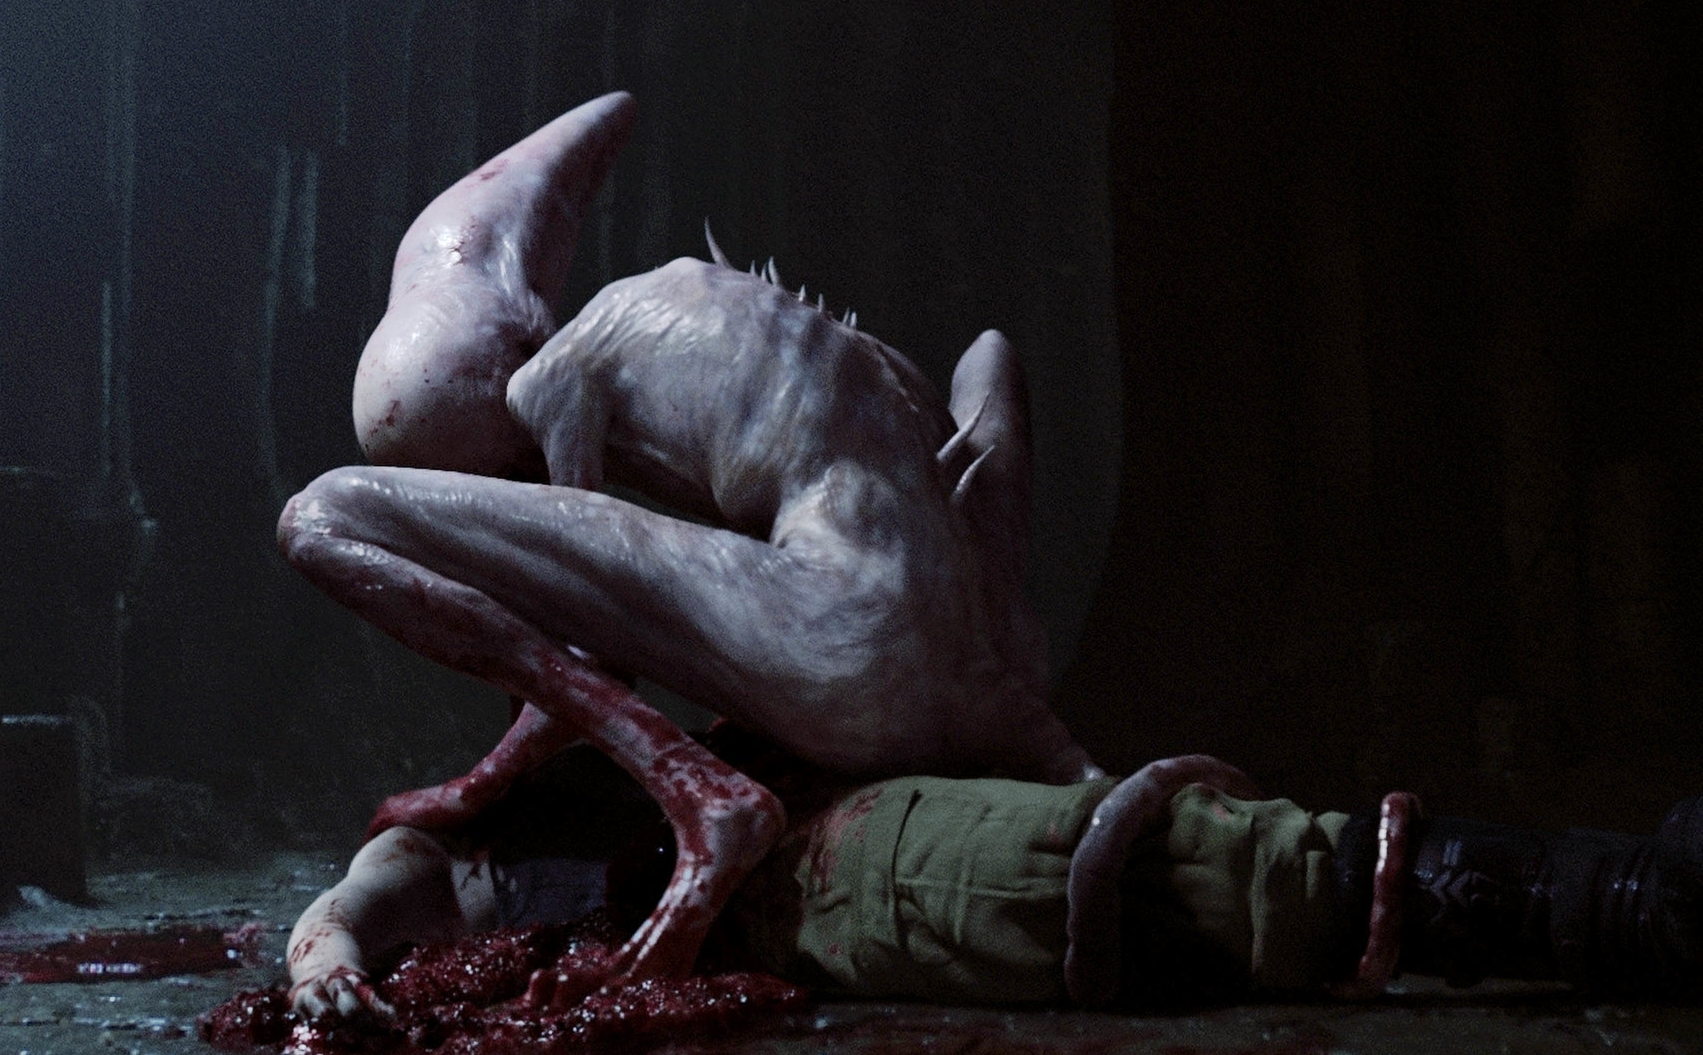 Mutant xenomorph in Alien: Covenant